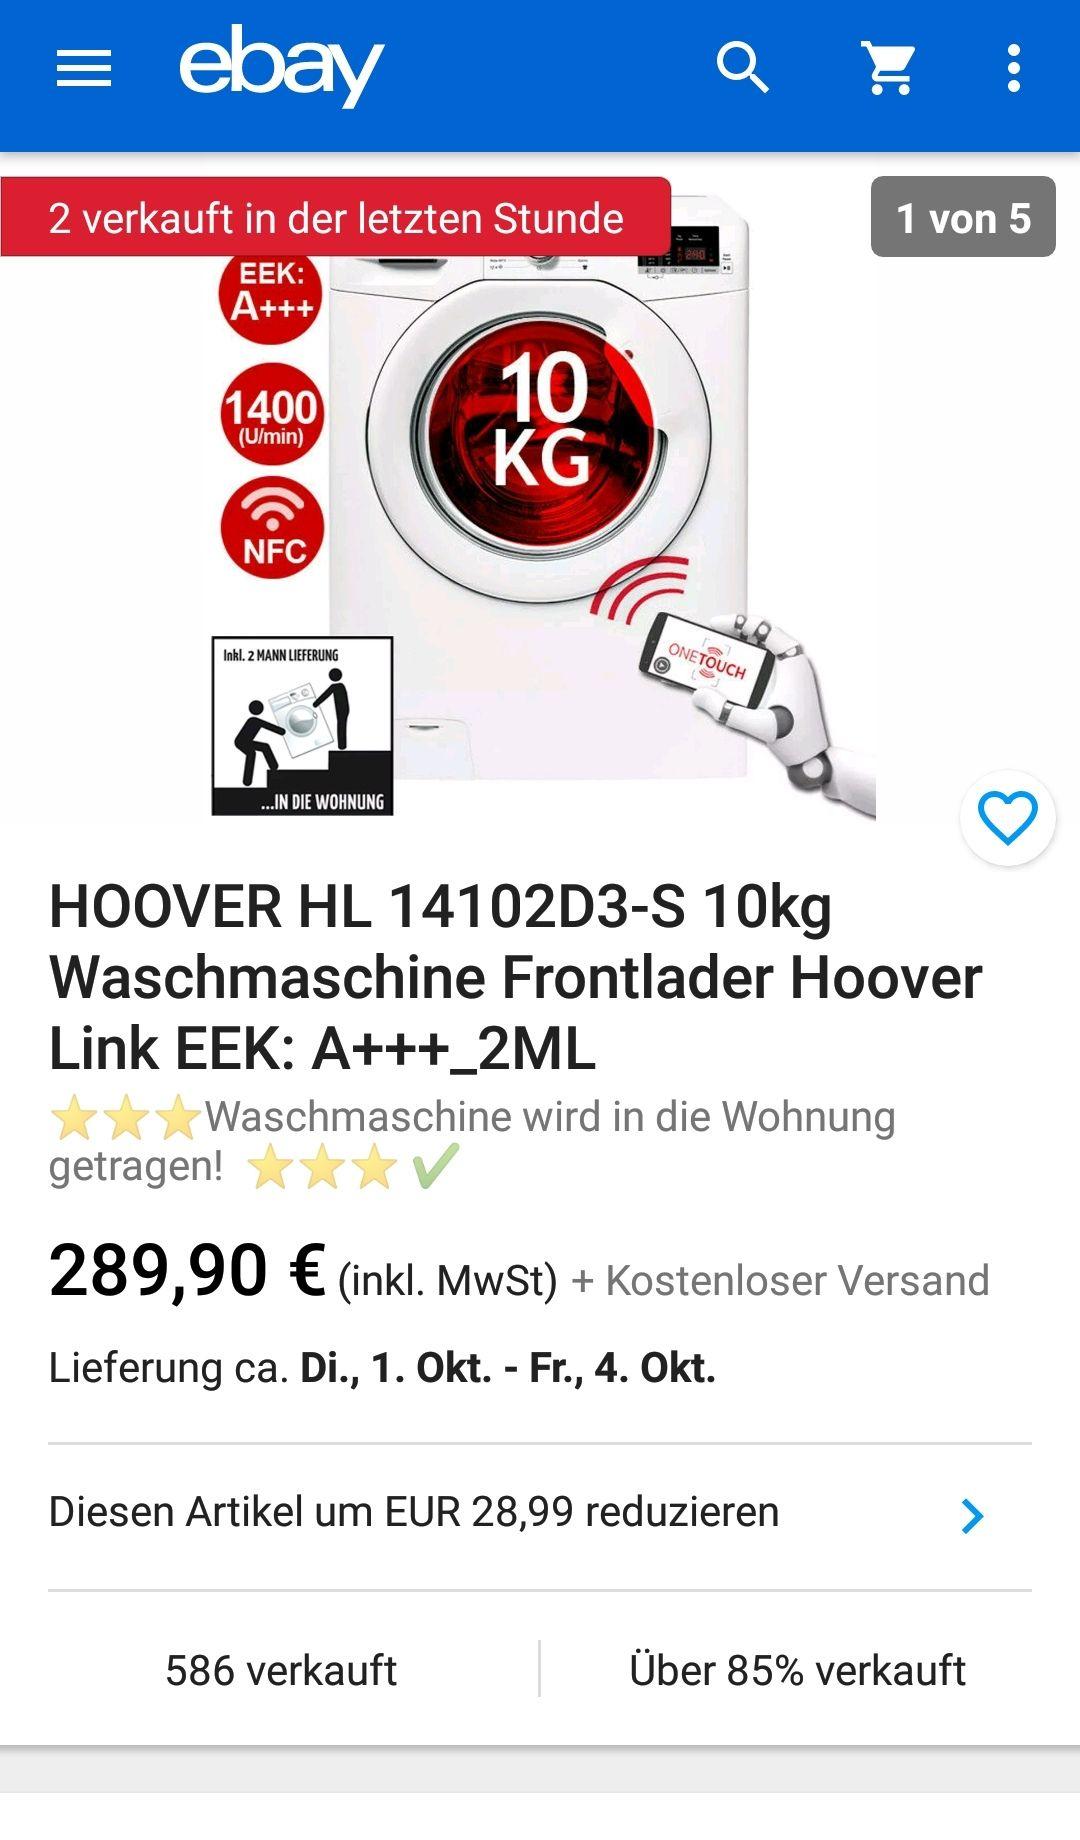 HOOVER 10kg HL 14102D3-S Frontlader-Waschmaschine Hoover Link EEK: A+++